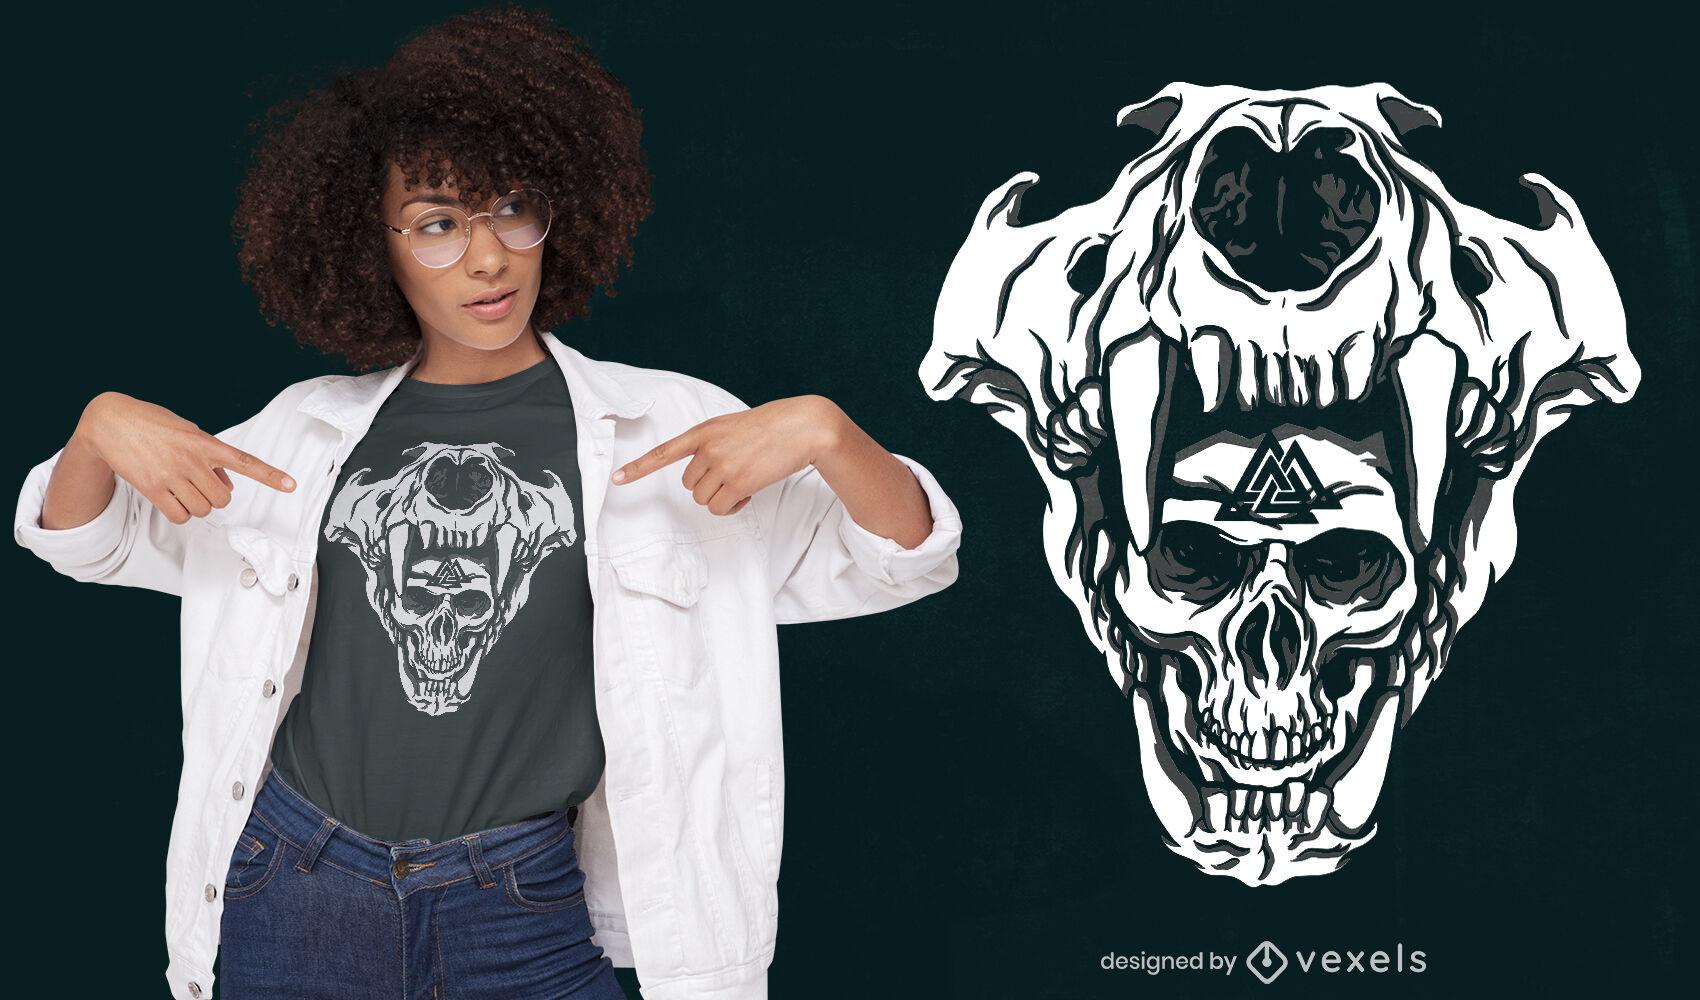 Genial diseño de camiseta de calaveras vikingas